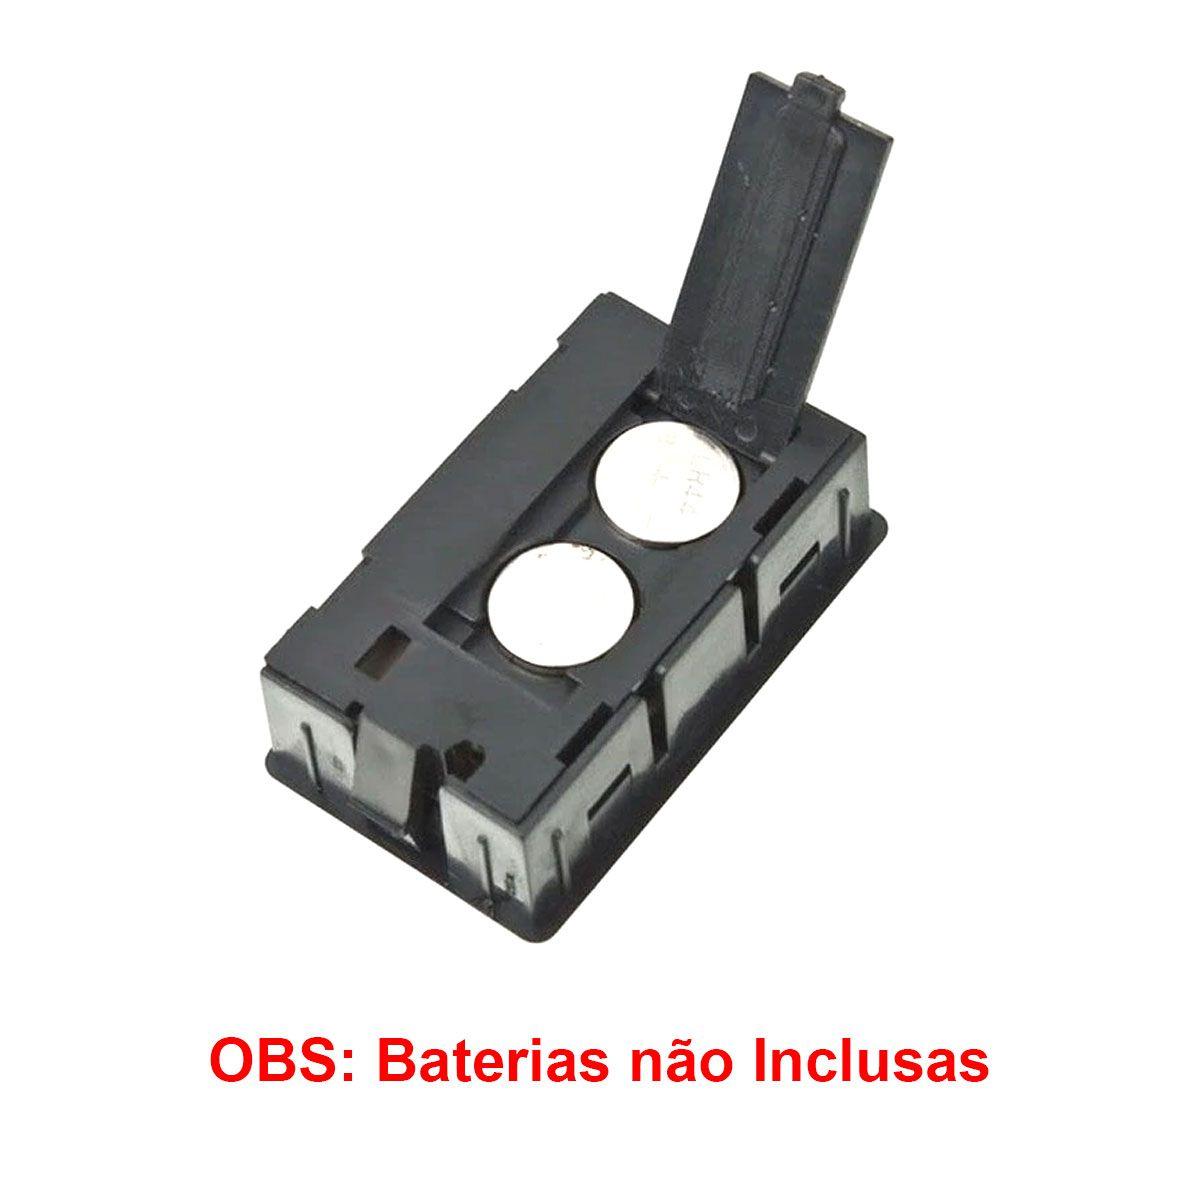 2x Mini Termômetro - Higrômetro Digital / Mede Temperatura e Umidade COM Baterias - Preto